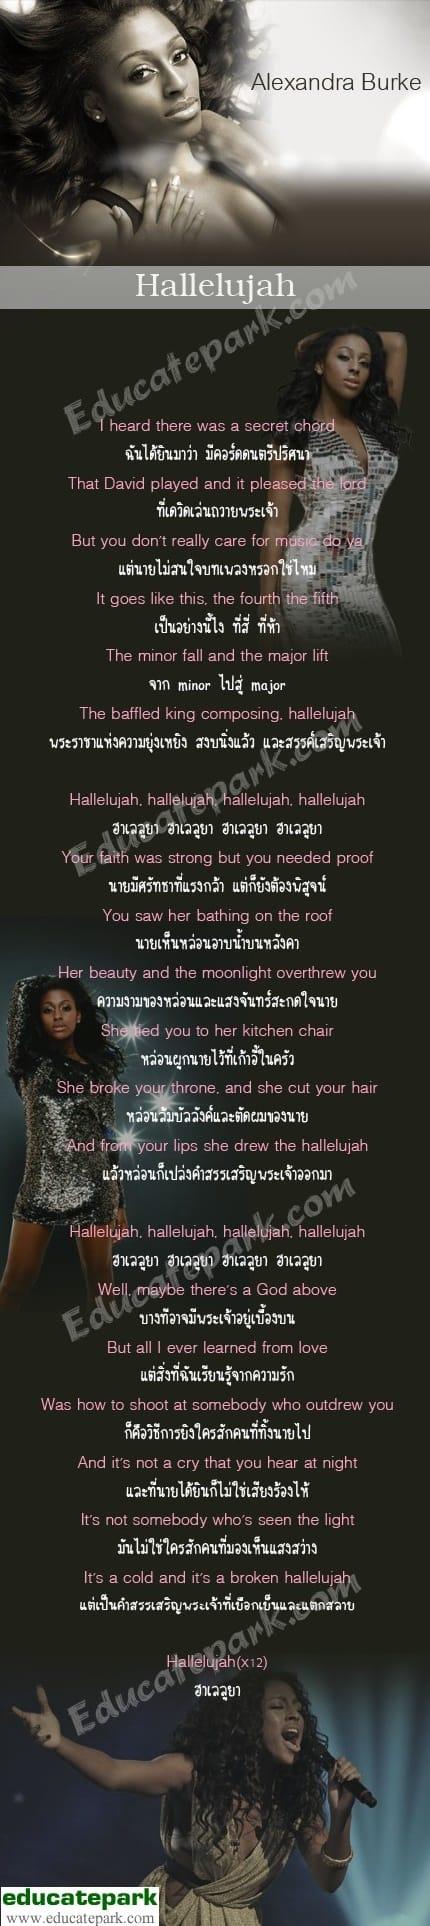 แปลเพลง Hallelujah - ALEXANDRA BURKE